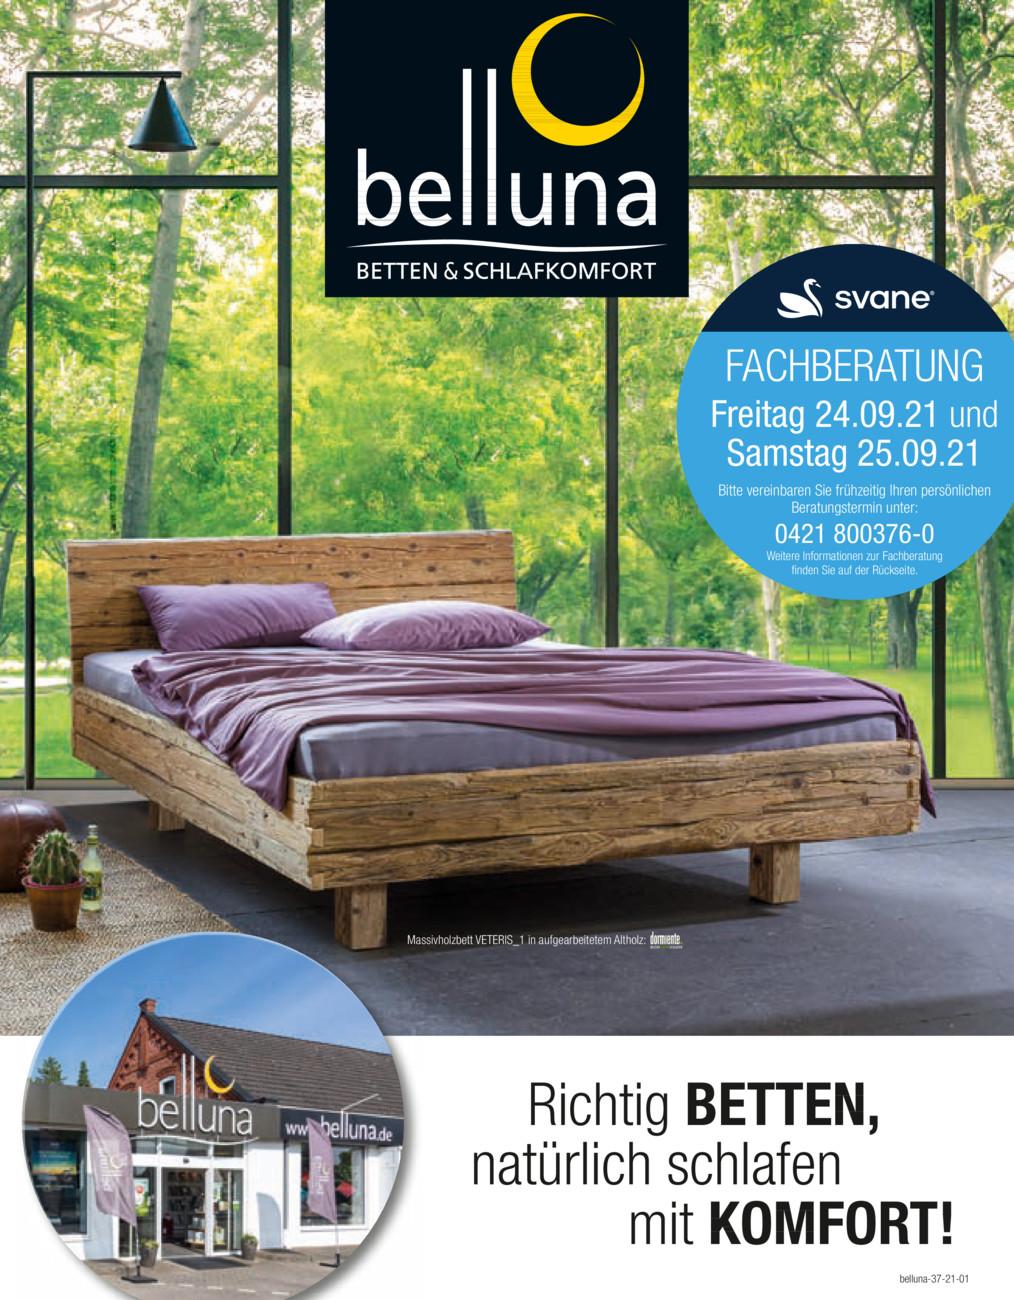 belluna-37-21-01-16_A4+_Doppelseiten vom Donnerstag, 16.09.2021